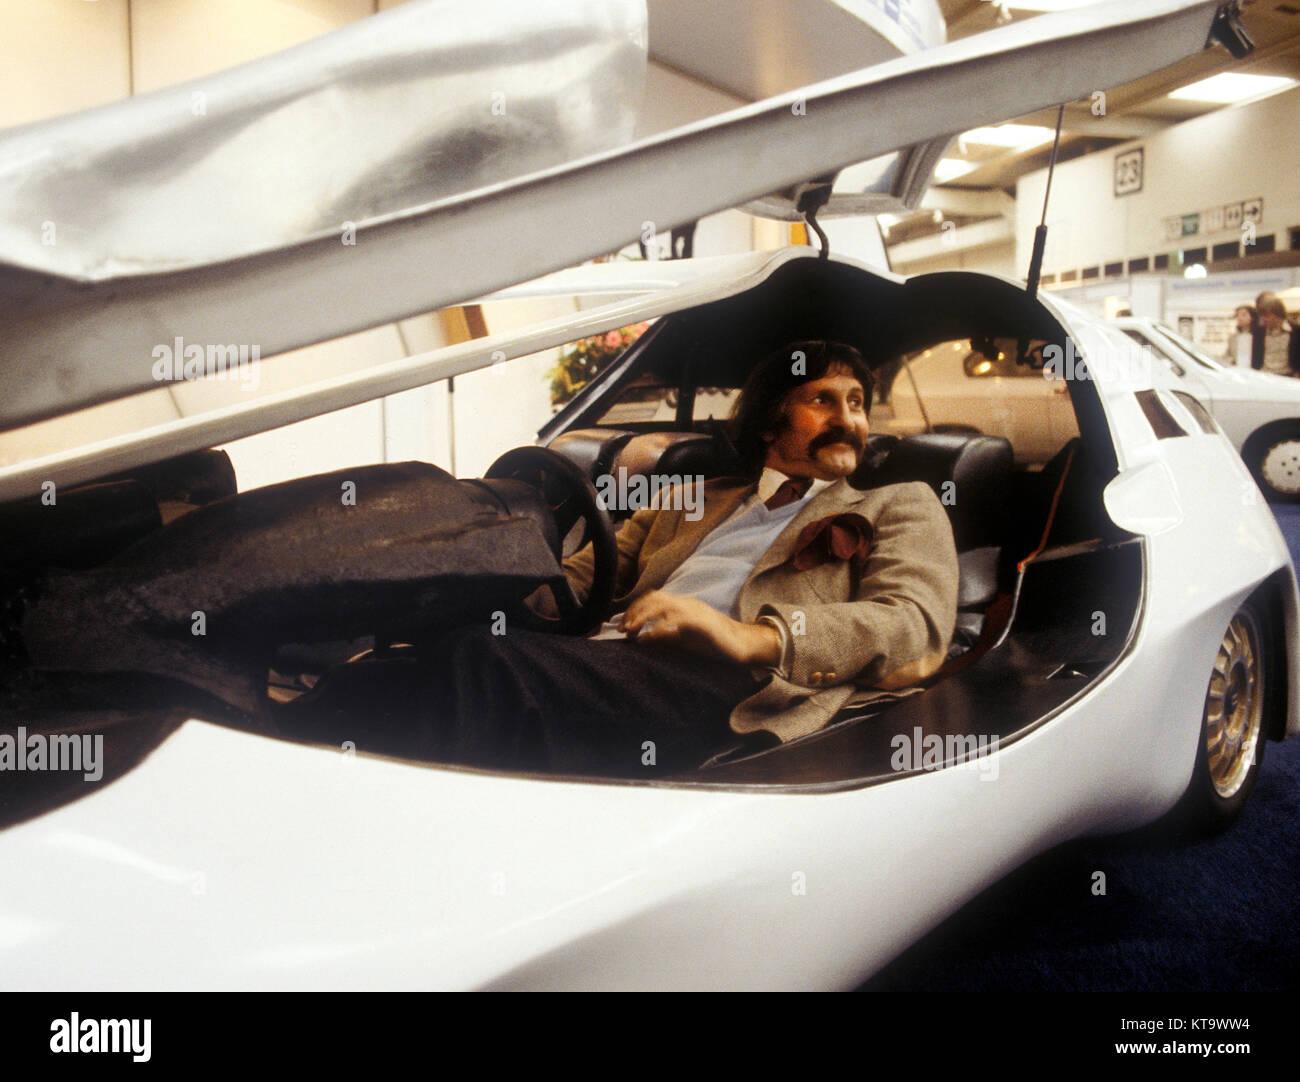 Luigi Colani en una exposición de diseño en Alemania 1978 Imagen De Stock